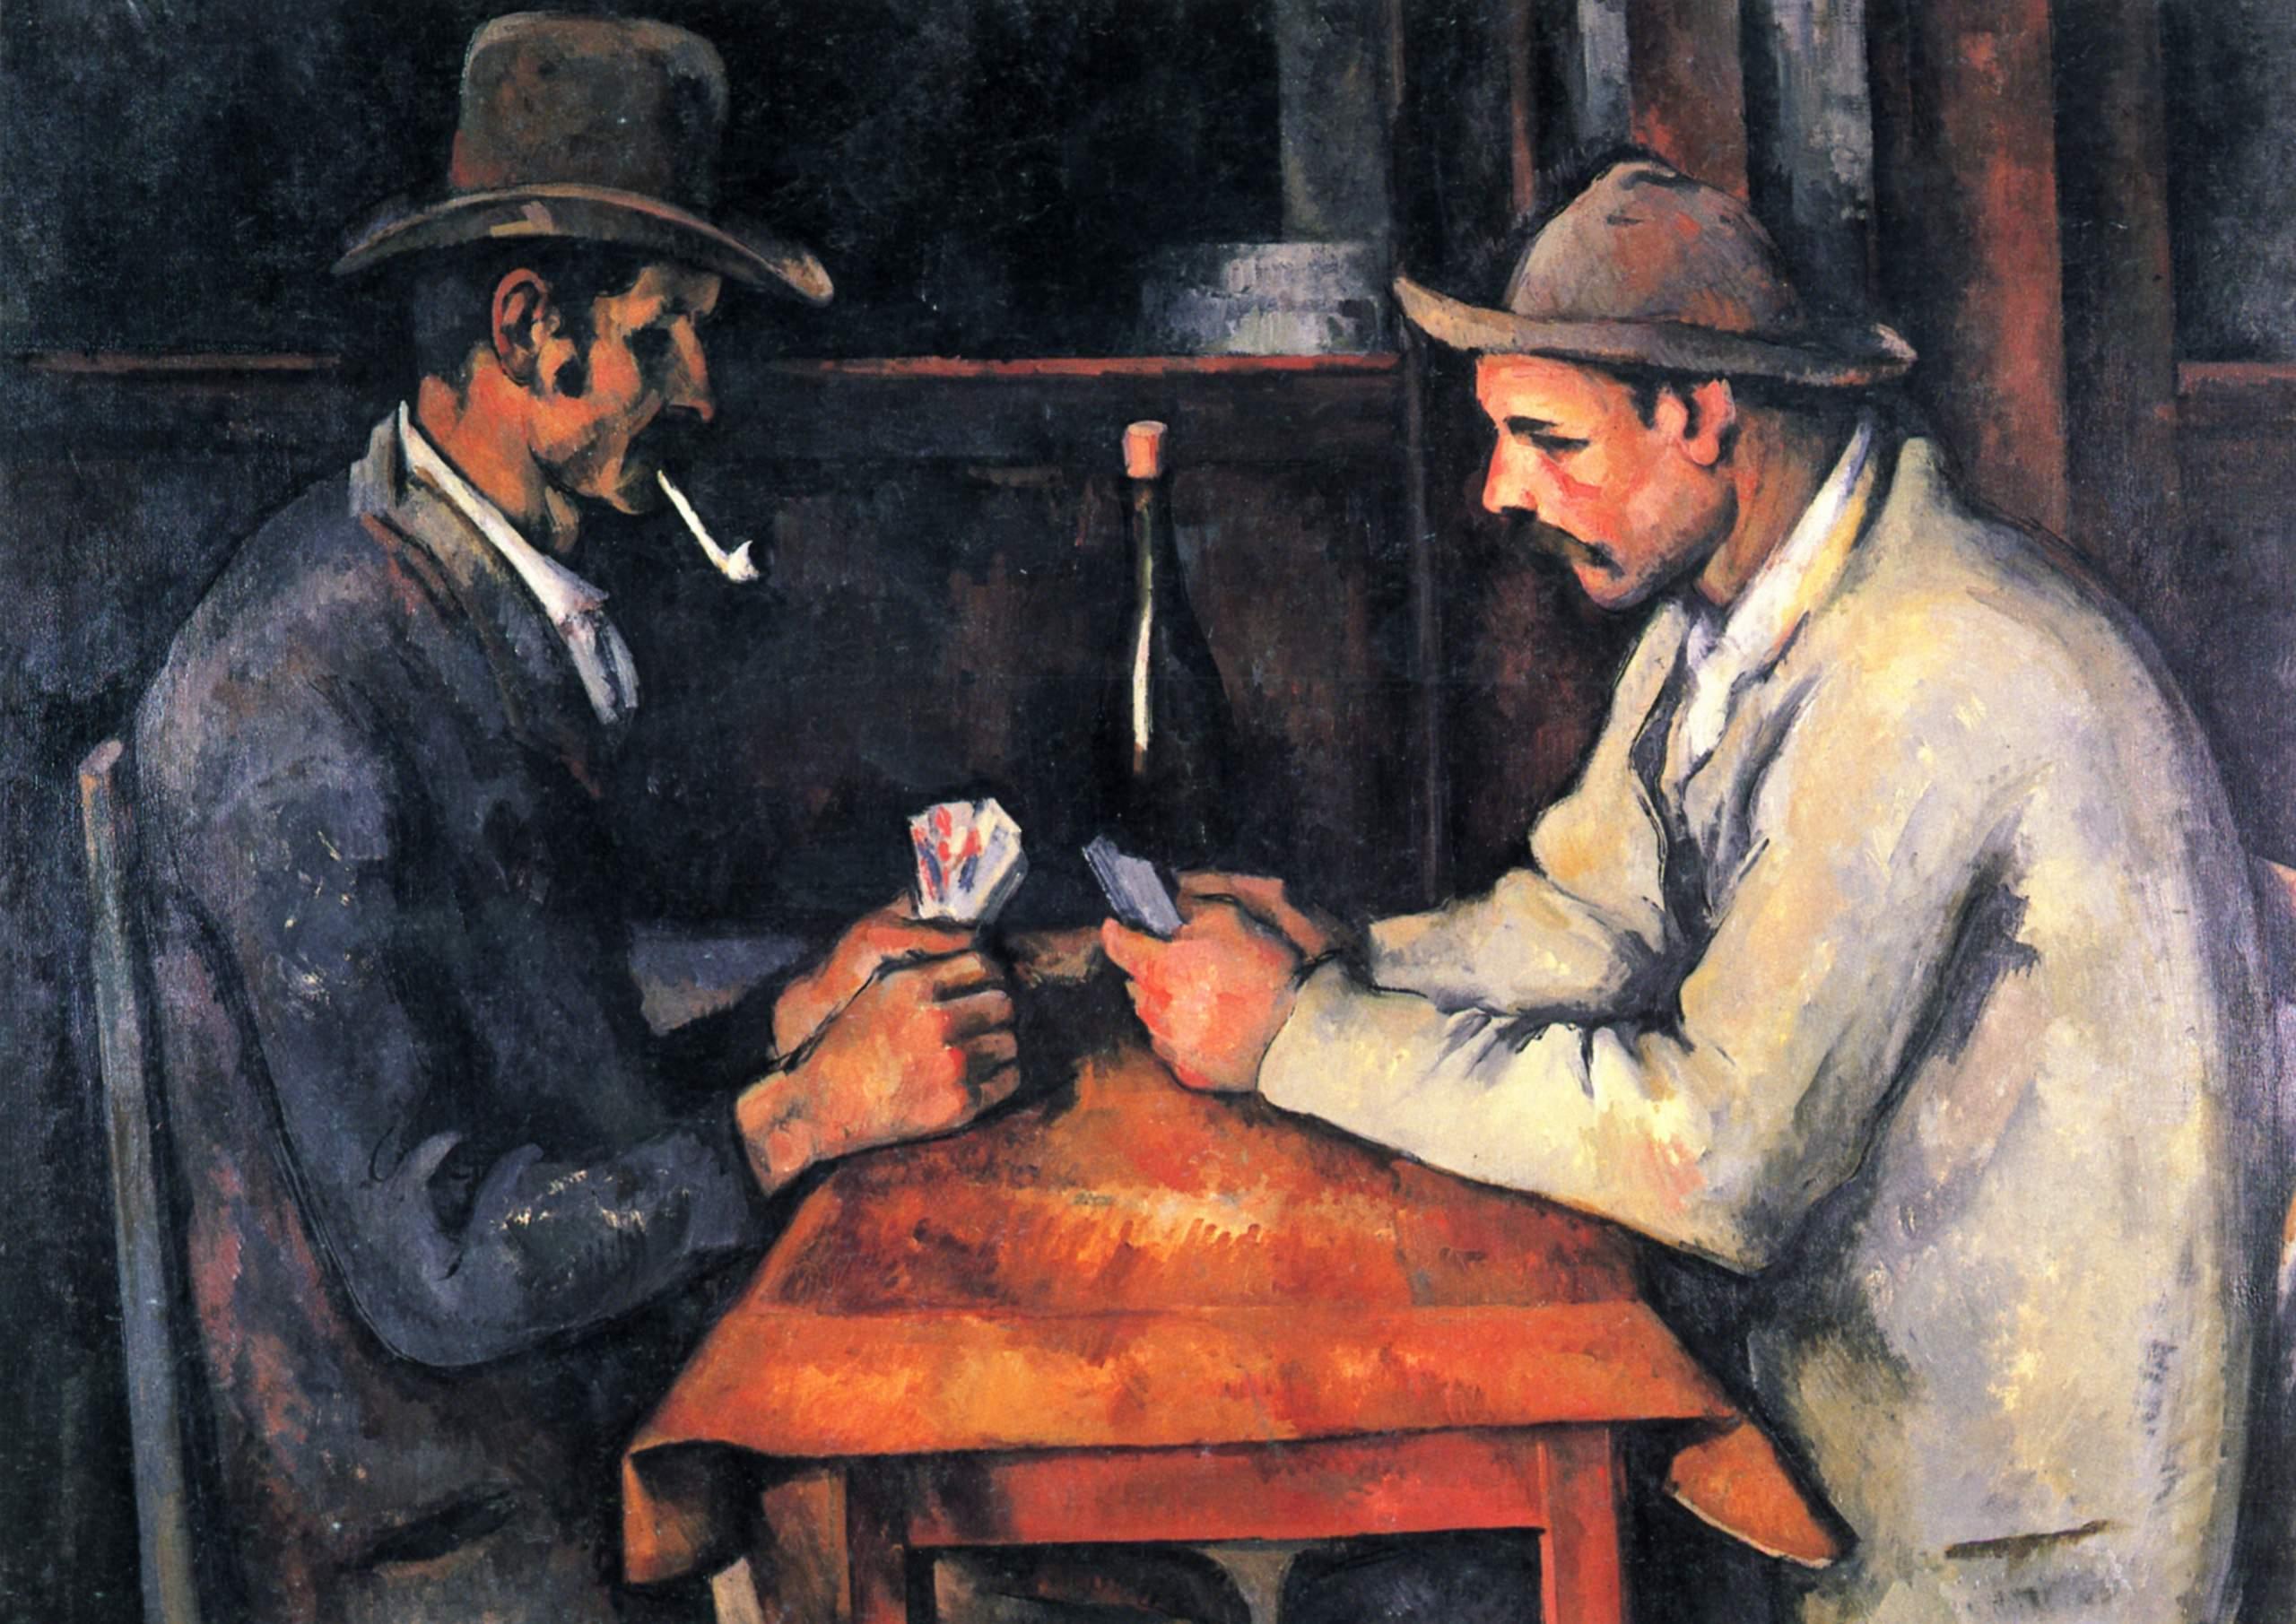 Jugadores de cartas, tercera versión, de Cézanne